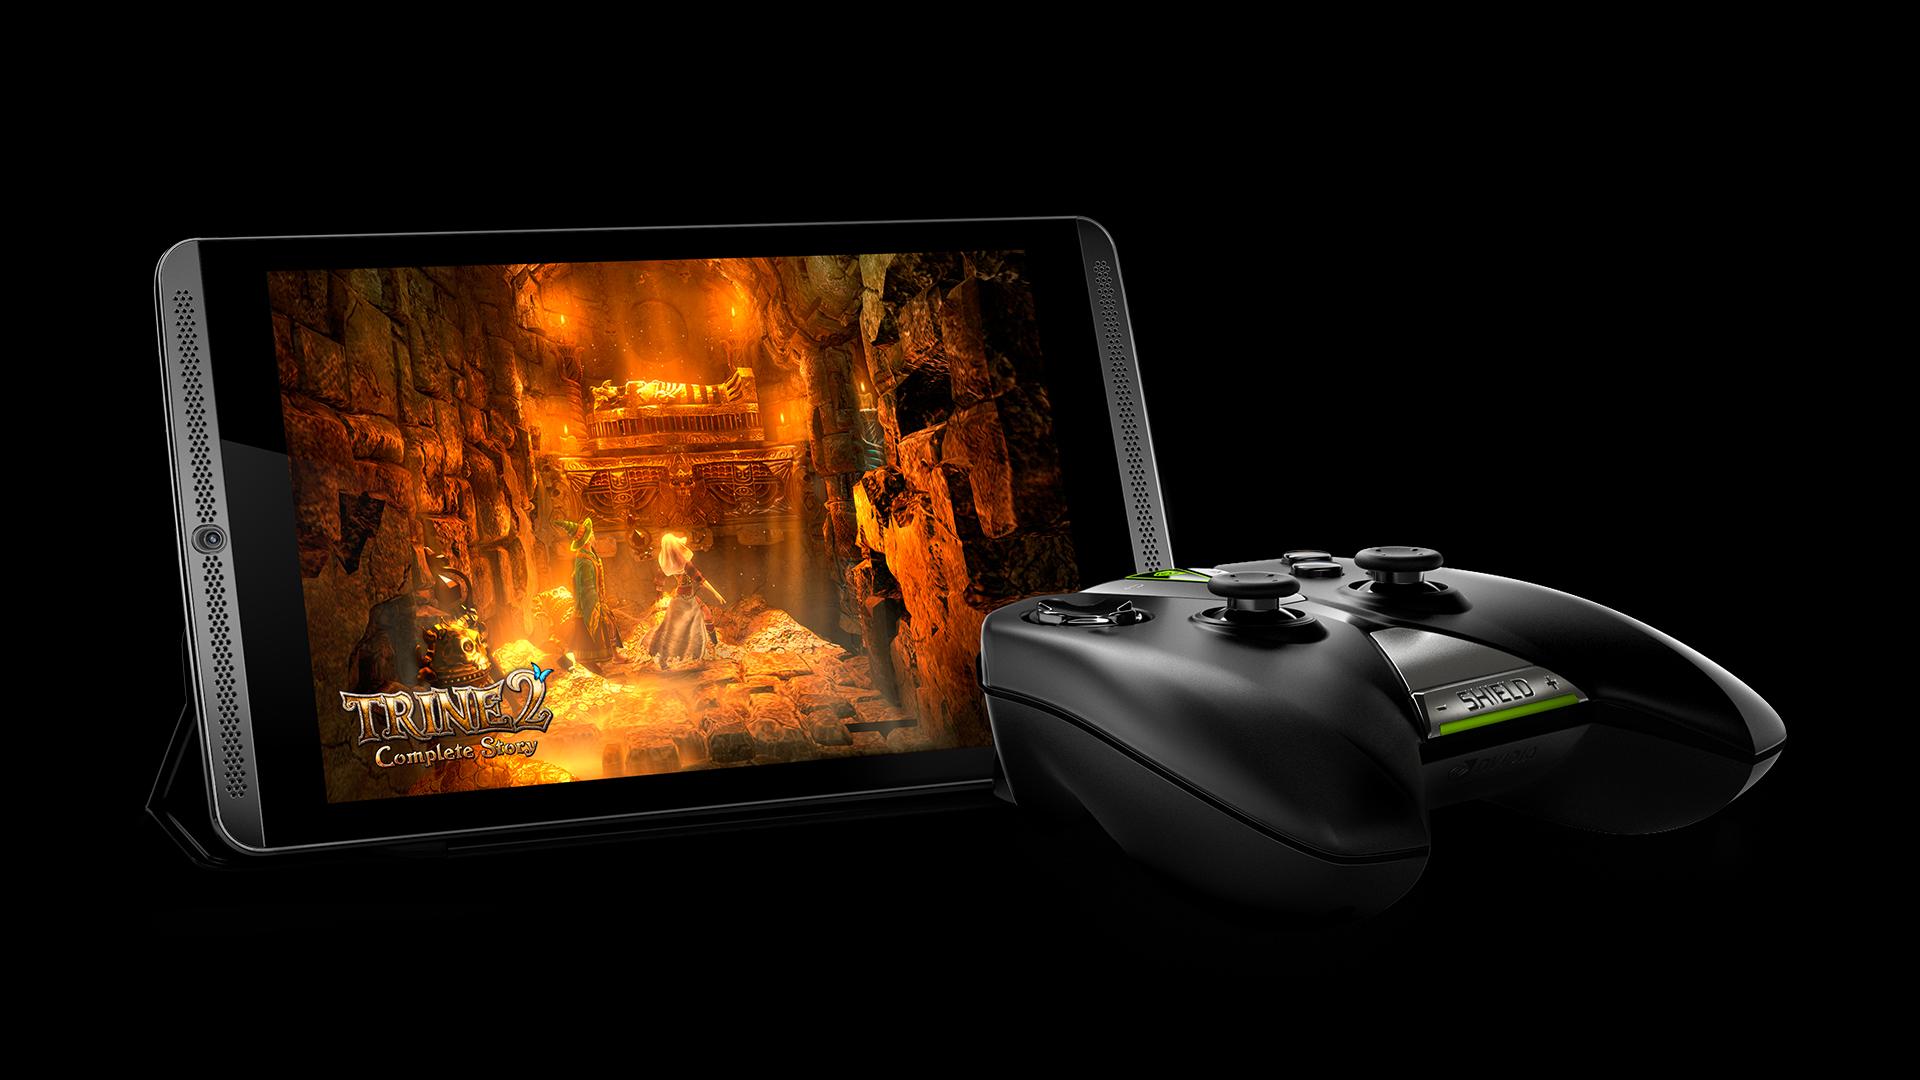 La Nvidia Shield Tablet passe à Android 5.1.1 et certains modèles sont rappelés pour surchauffe